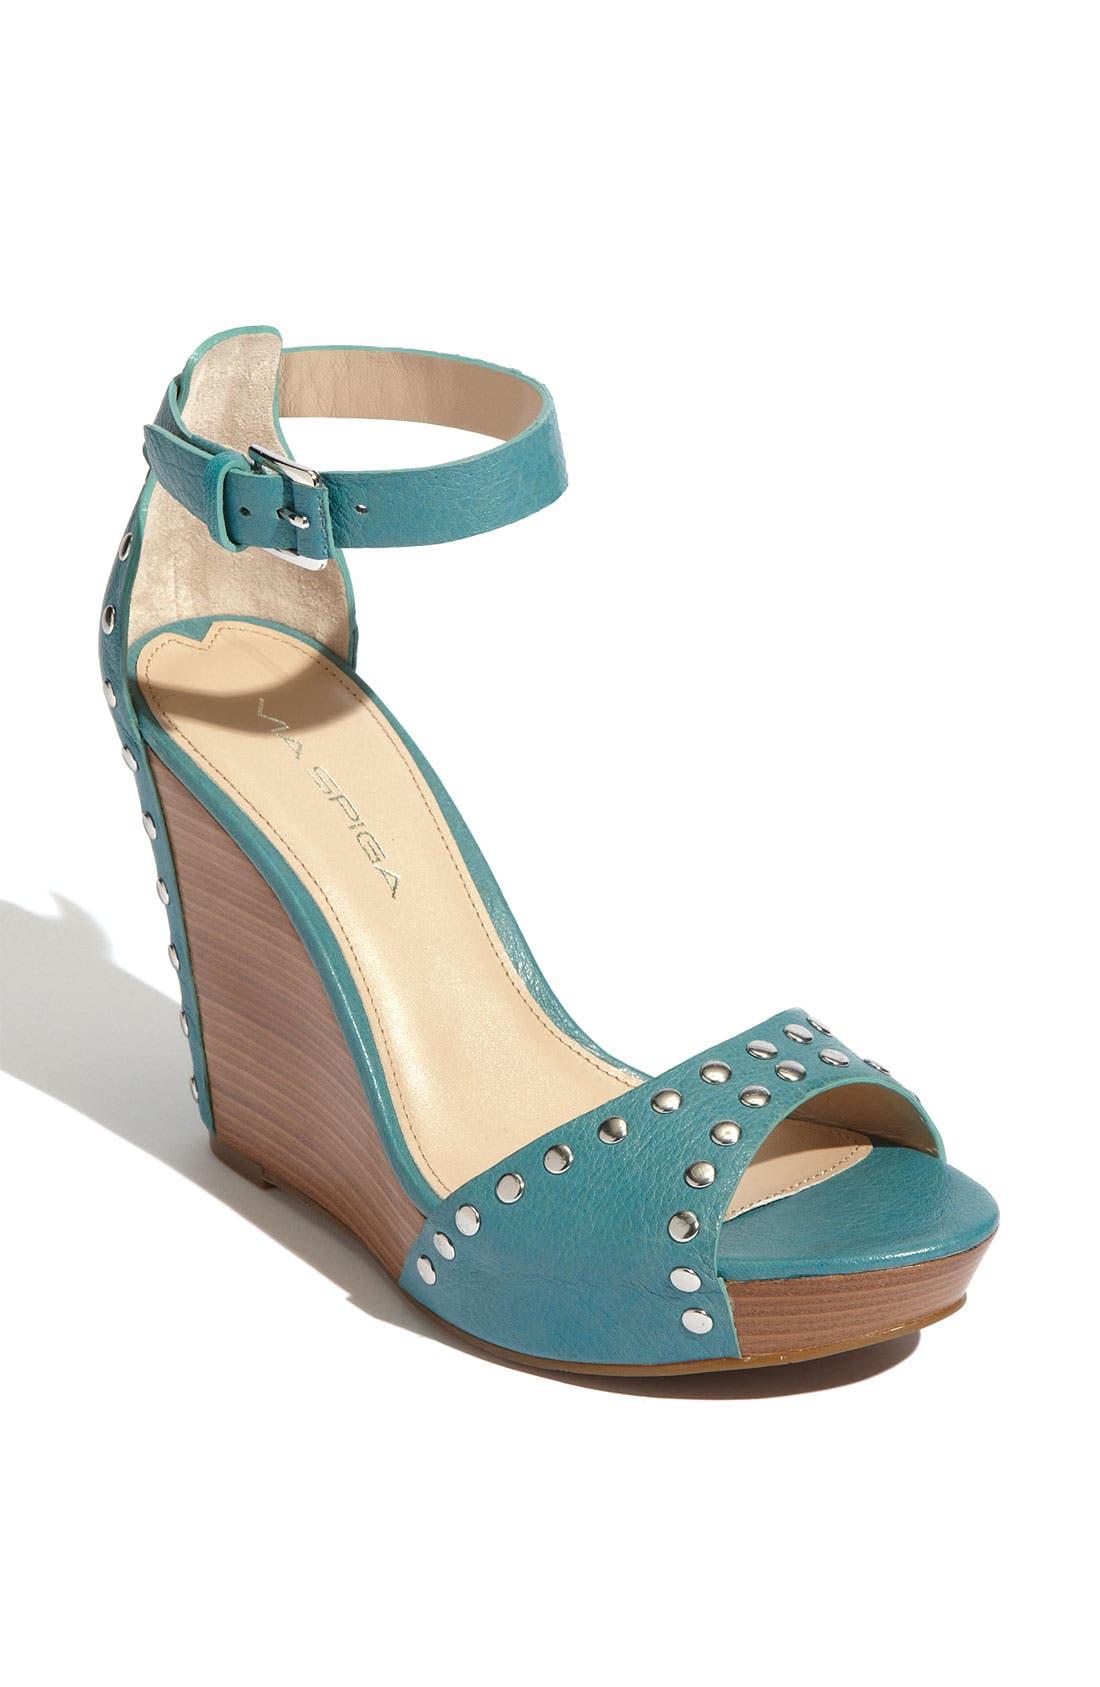 Main Image - Via Spiga 'Mercato' Sandal